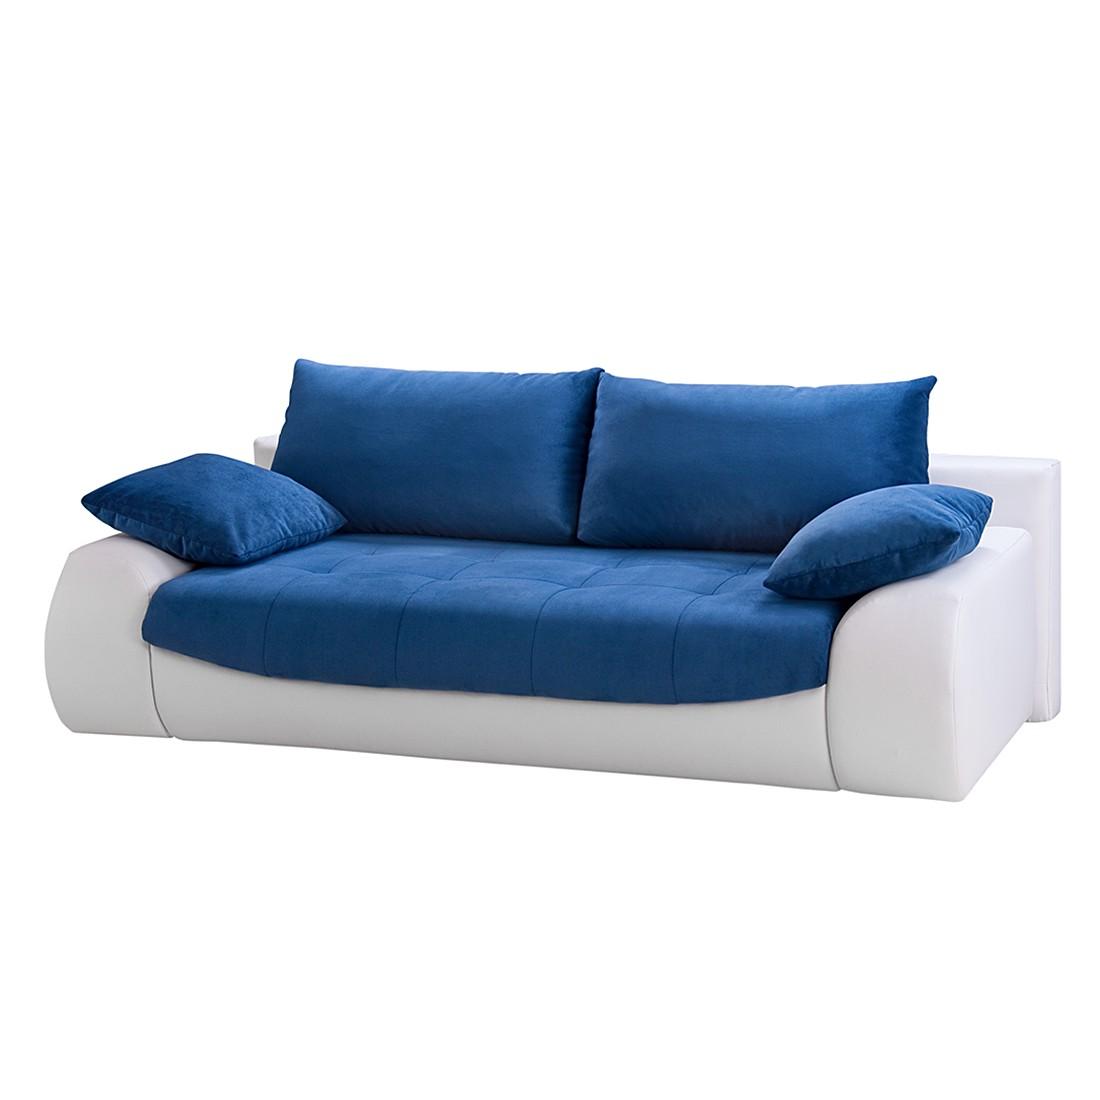 Schlafsofa Wolke – Kunstleder Weiß/Webstoff Blau, loftscape jetzt bestellen